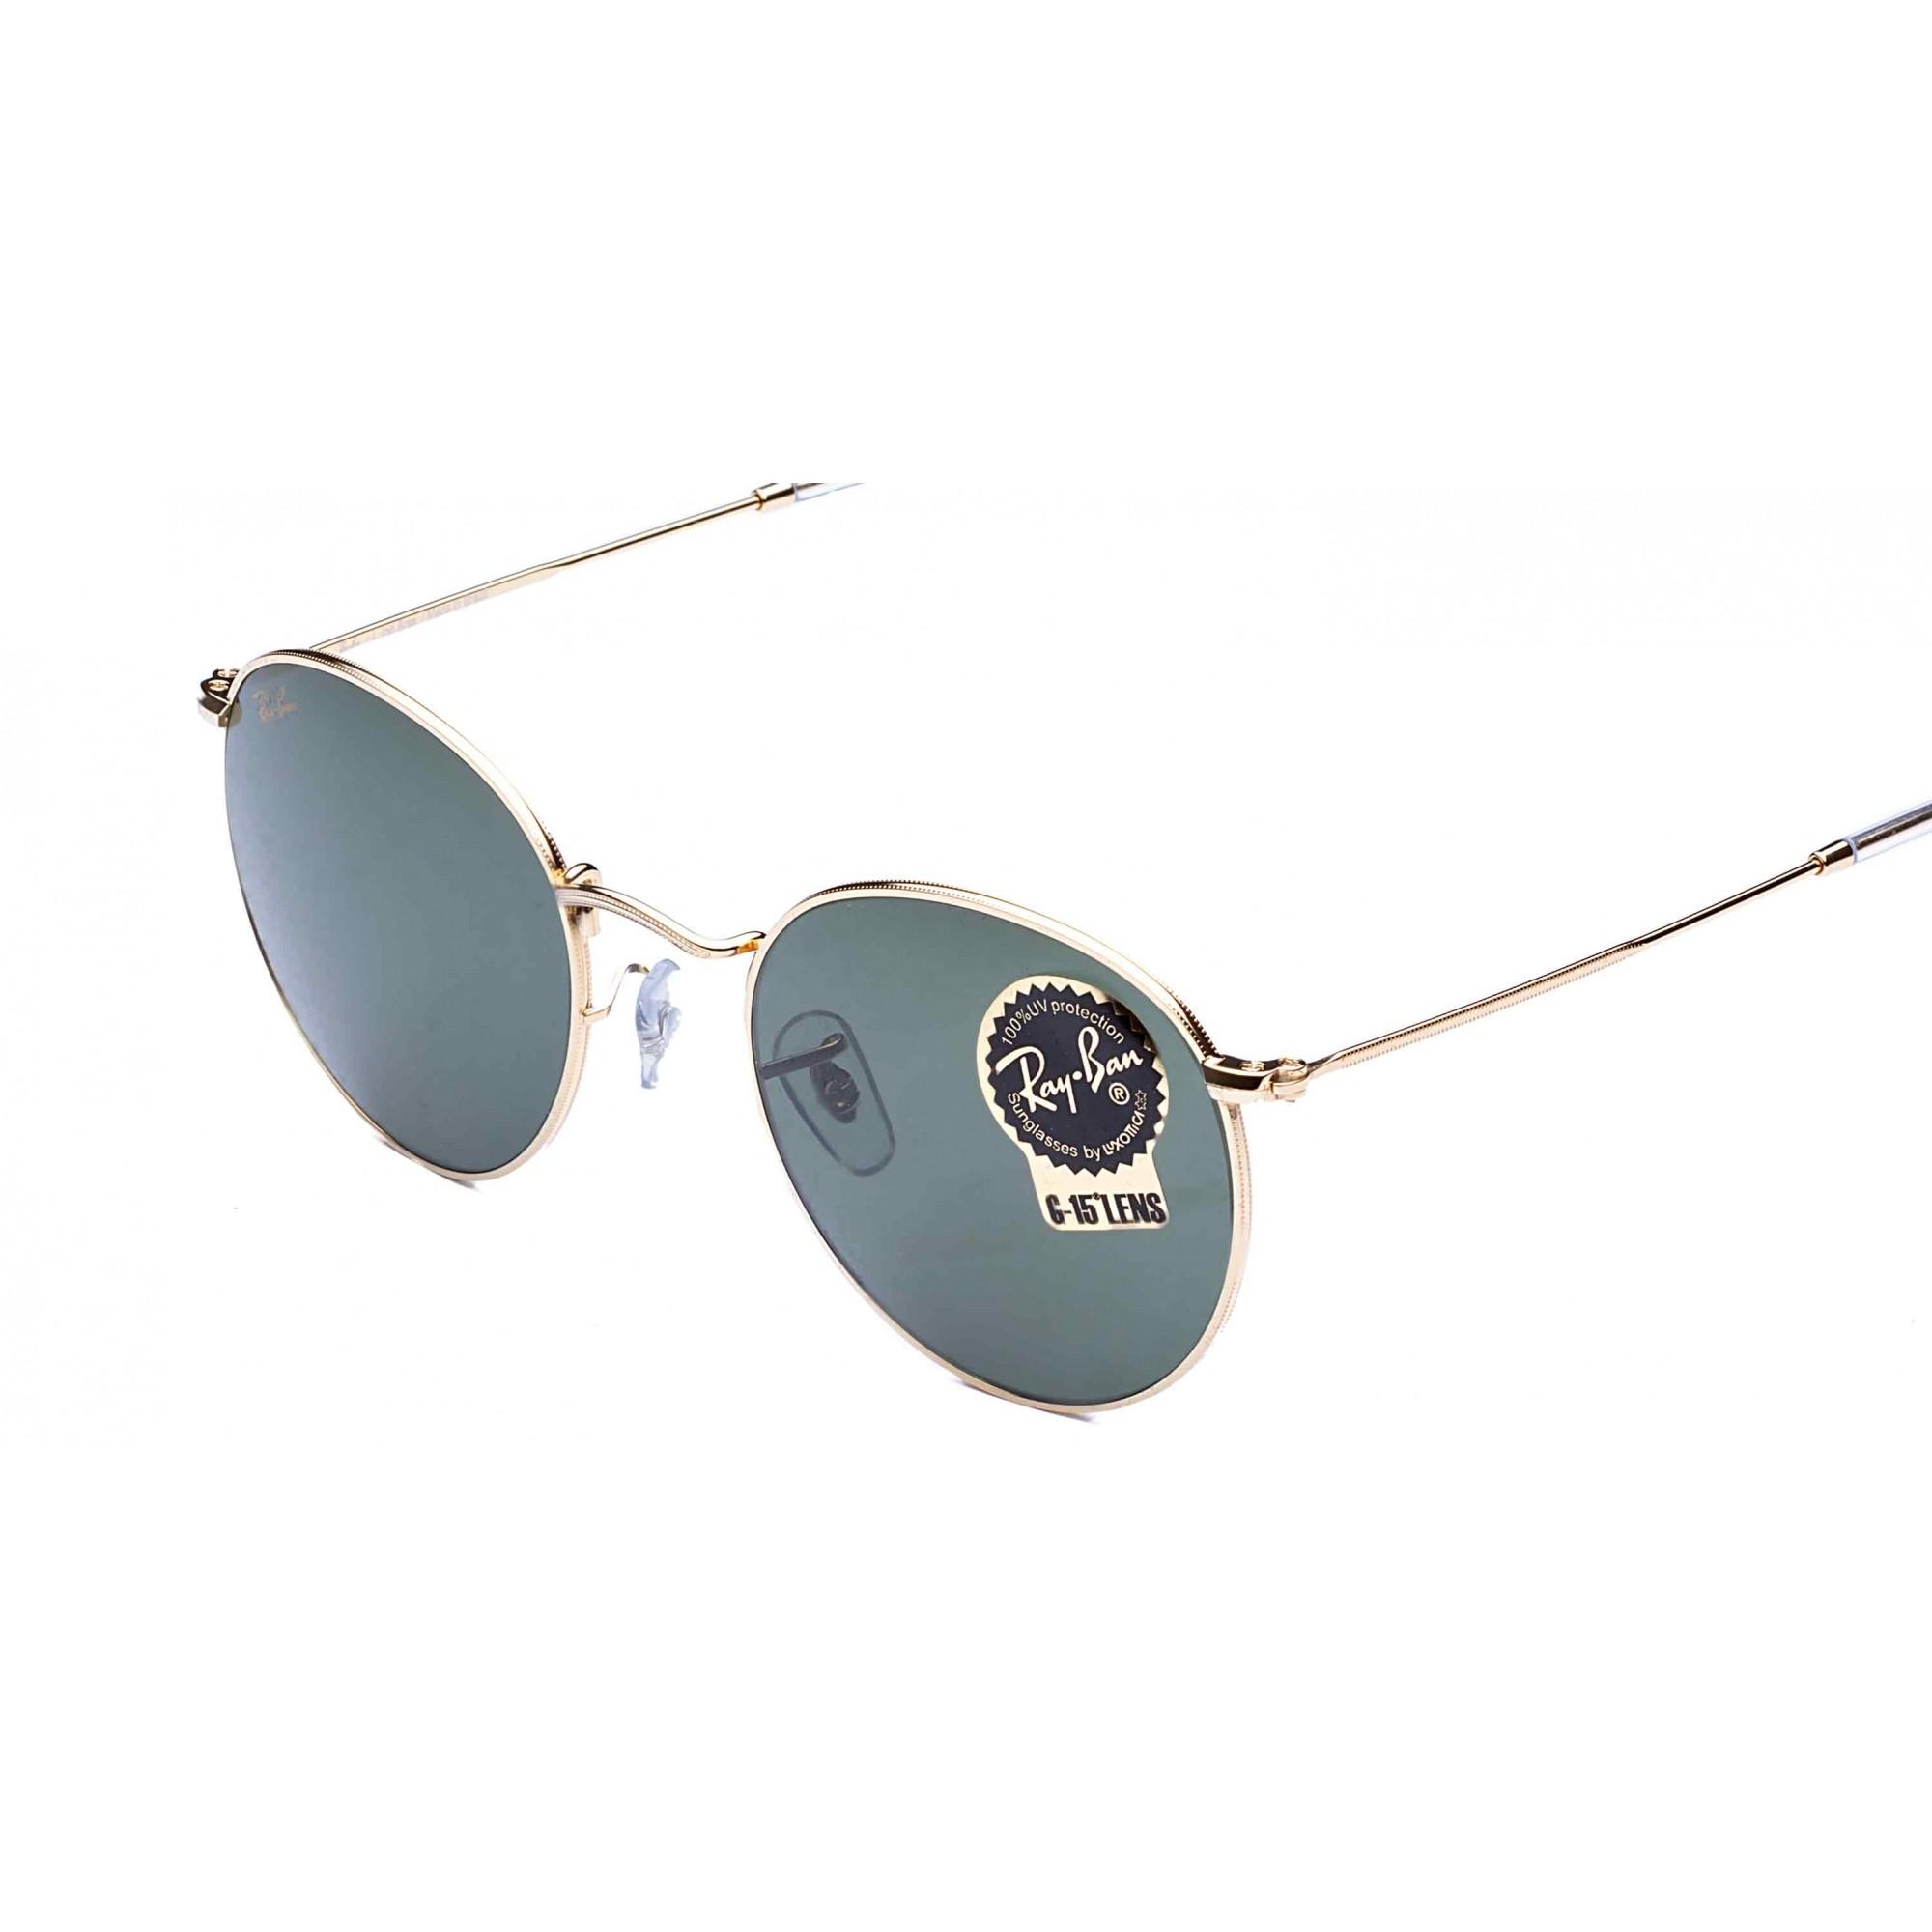 Óculos de Sol Round Metal Legend Gold Ray-Ban - Original